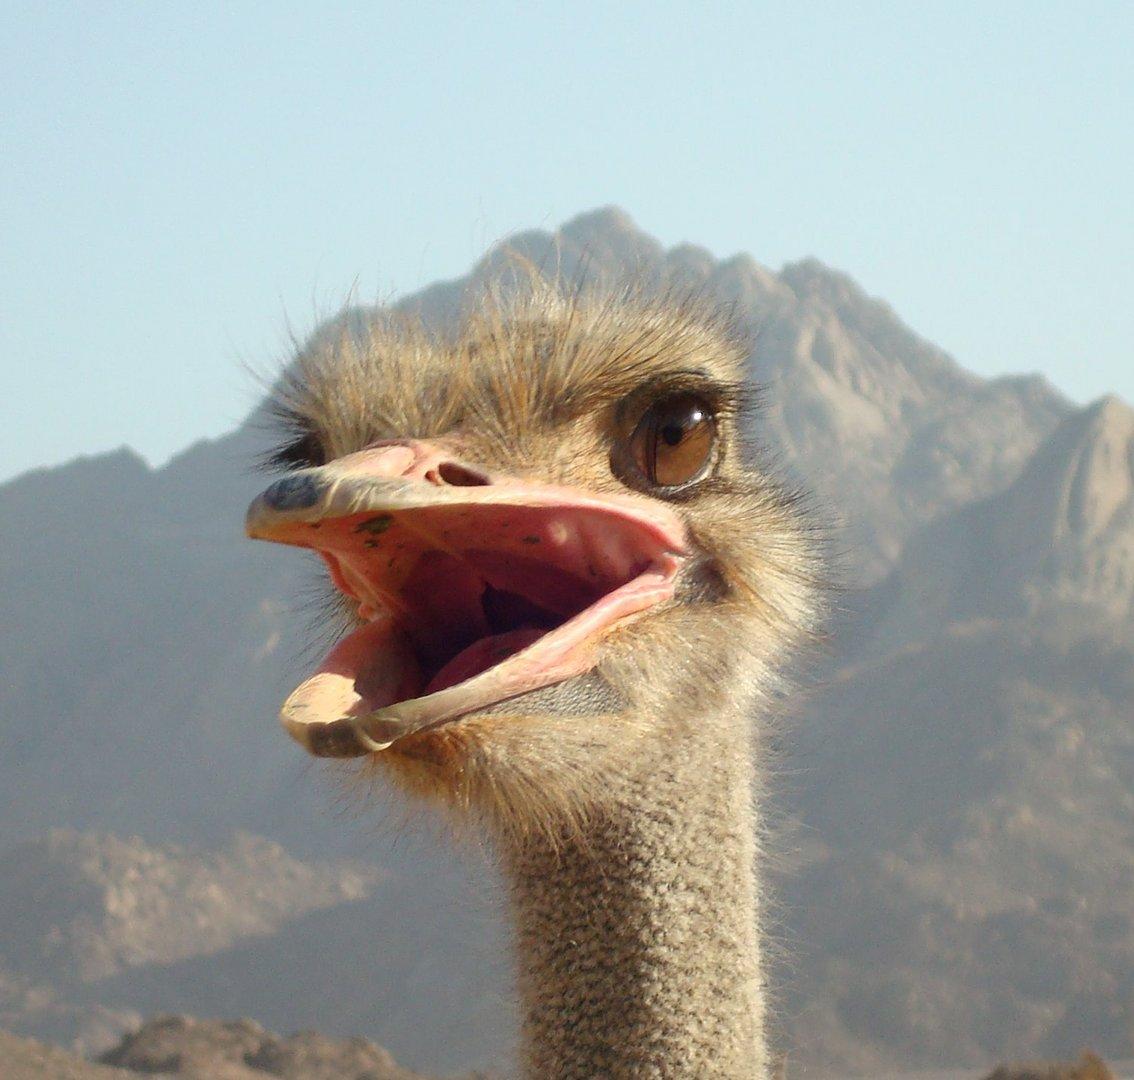 Den haben wir in der Wüste von Ägypten getroffen :-)